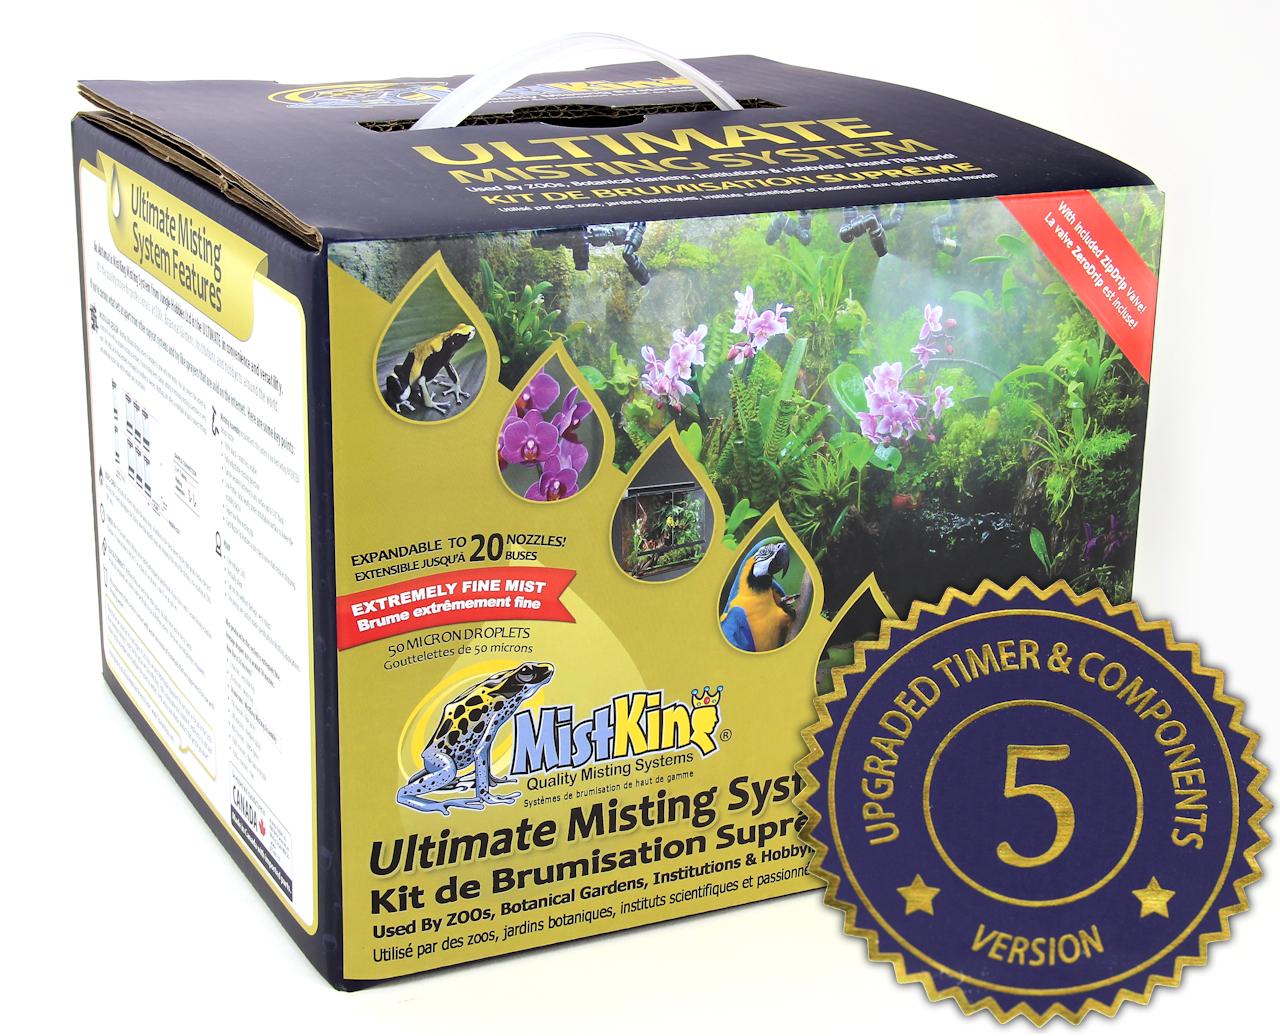 v5.0 Ultimate Misting System